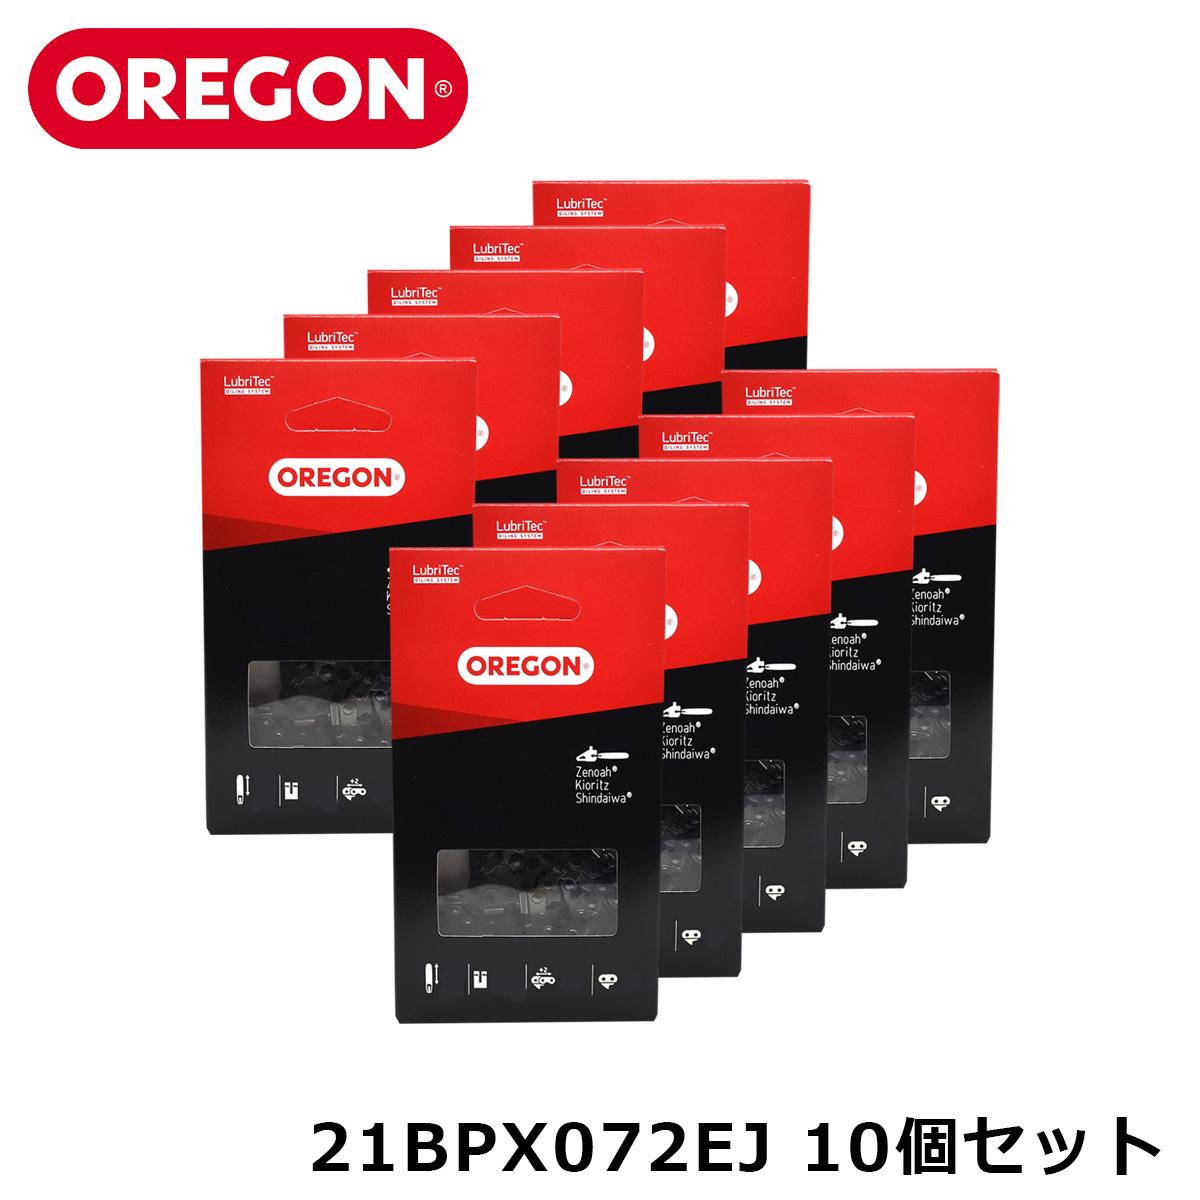 【10個セット】OREGON 21BPX072EJ ソーチェーン 替刃 正規品 パーツ チェンソー 21BPX コントロールカット オレゴン